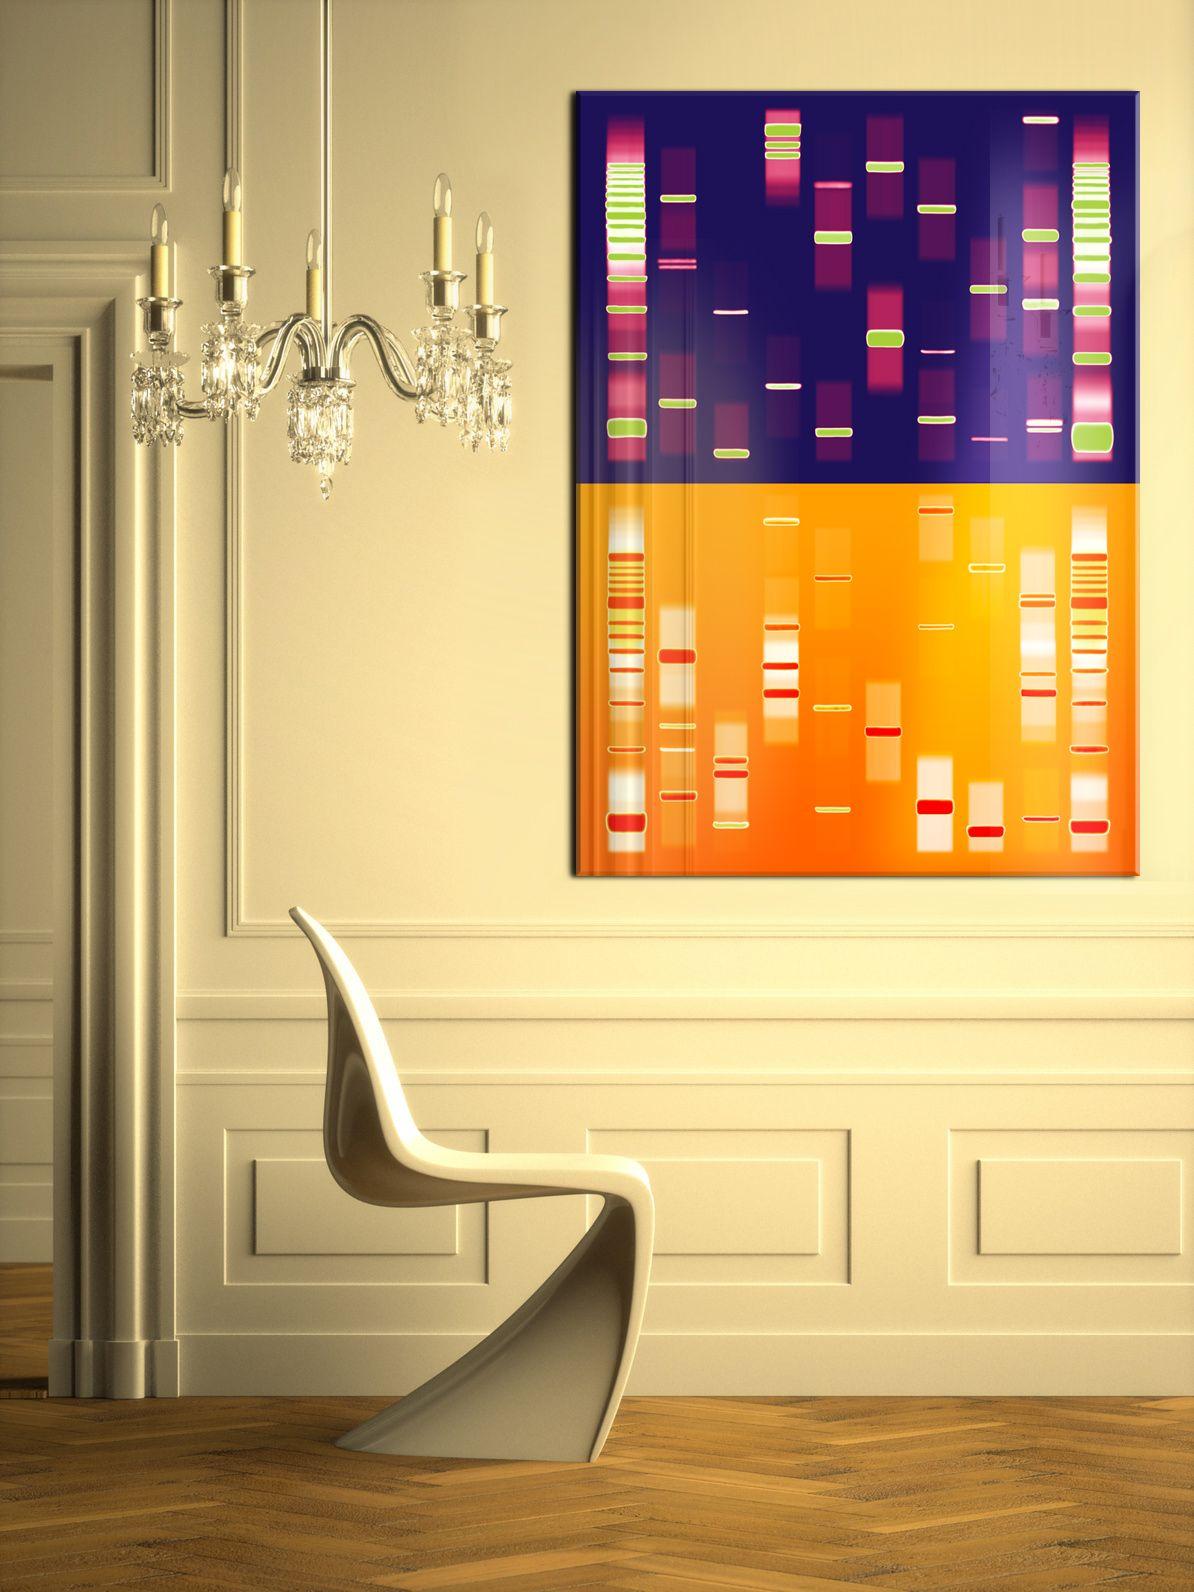 dna art | embrace your inner science geek! | Pinterest | Biology art ...